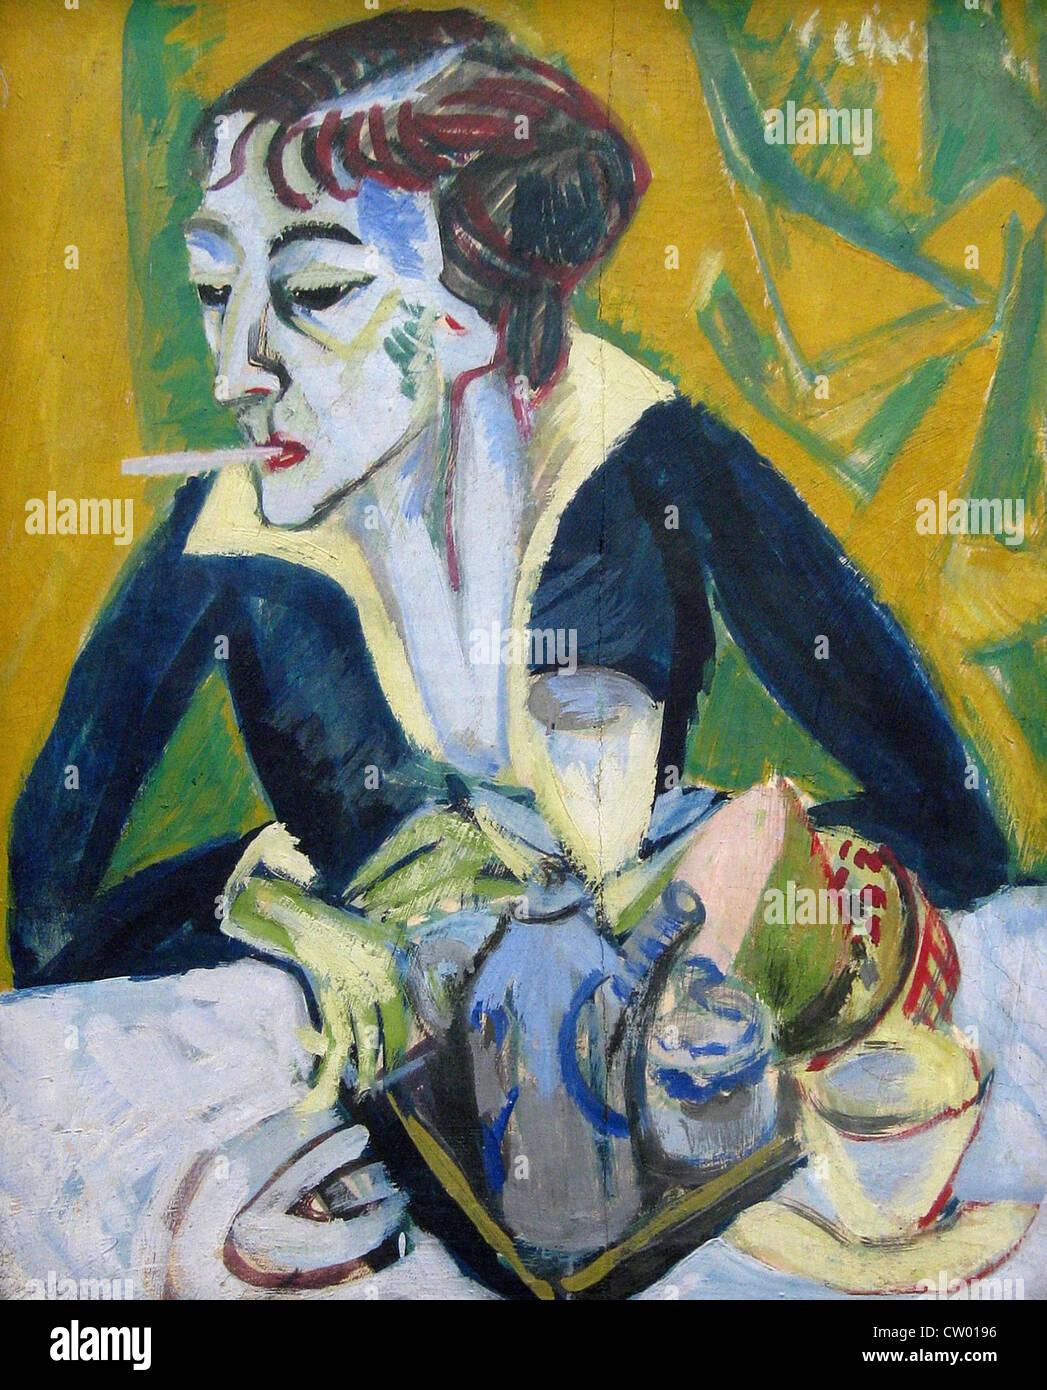 Ernst Ludwig Kirchner Erna 1930 Pinakothek der Moderne Art - Stock Image